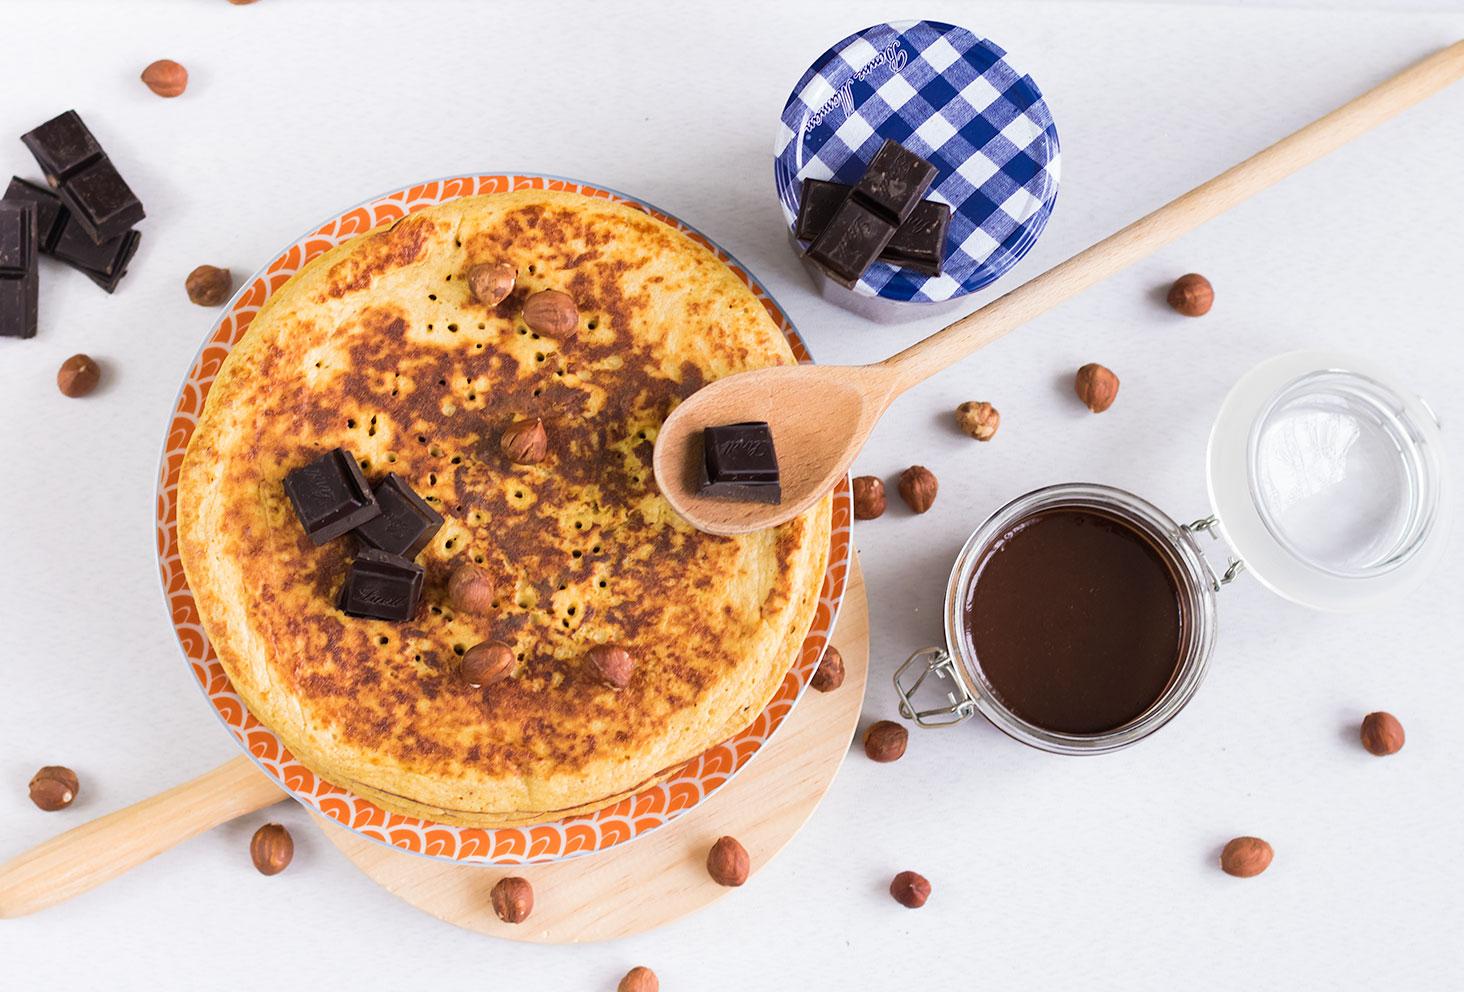 Crêpes et pâte à tartiner maison ensemble vue de haut, entourés de noisettes et de carreaux de chocolat noir